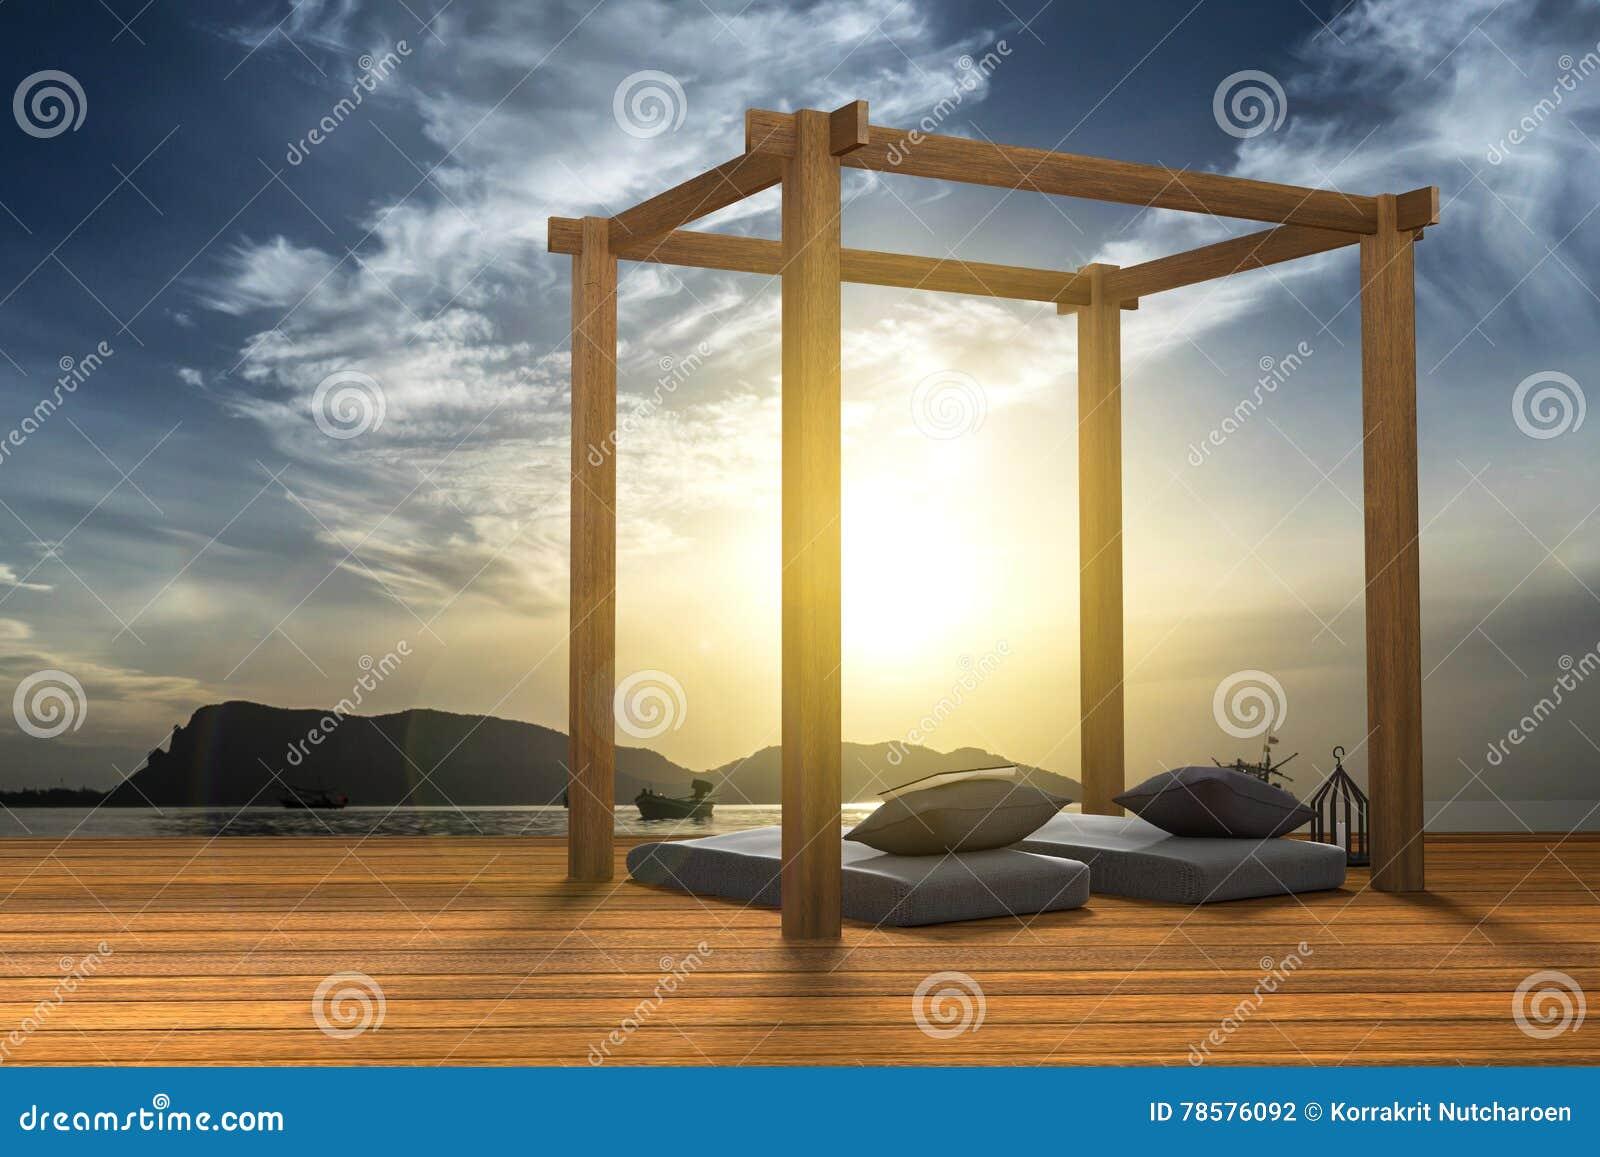 Het 3d teruggeven illustratie van de moderne houten decoratie van de strandzitkamer bij stijl - Decoratie van de kamers van de meiden ...